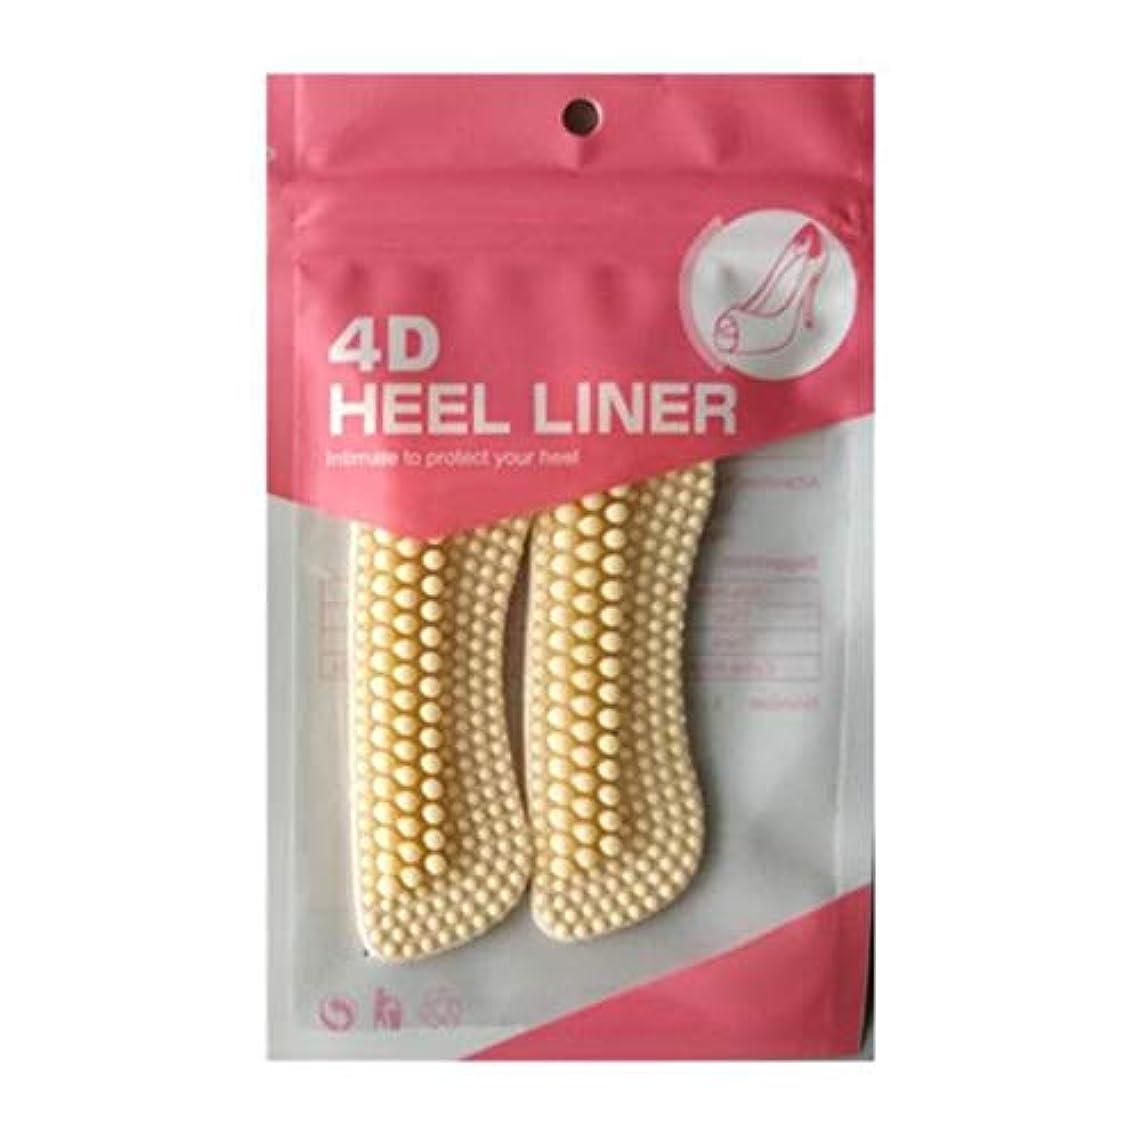 アンドリューハリディカウンタピニオンHJ 靴擦れ防止 ヒールパッド かかと用 かかとテープ クッション 靴ずれ防止 かかと保護パッド ベージュ (薄いタイプ, 5足セット)